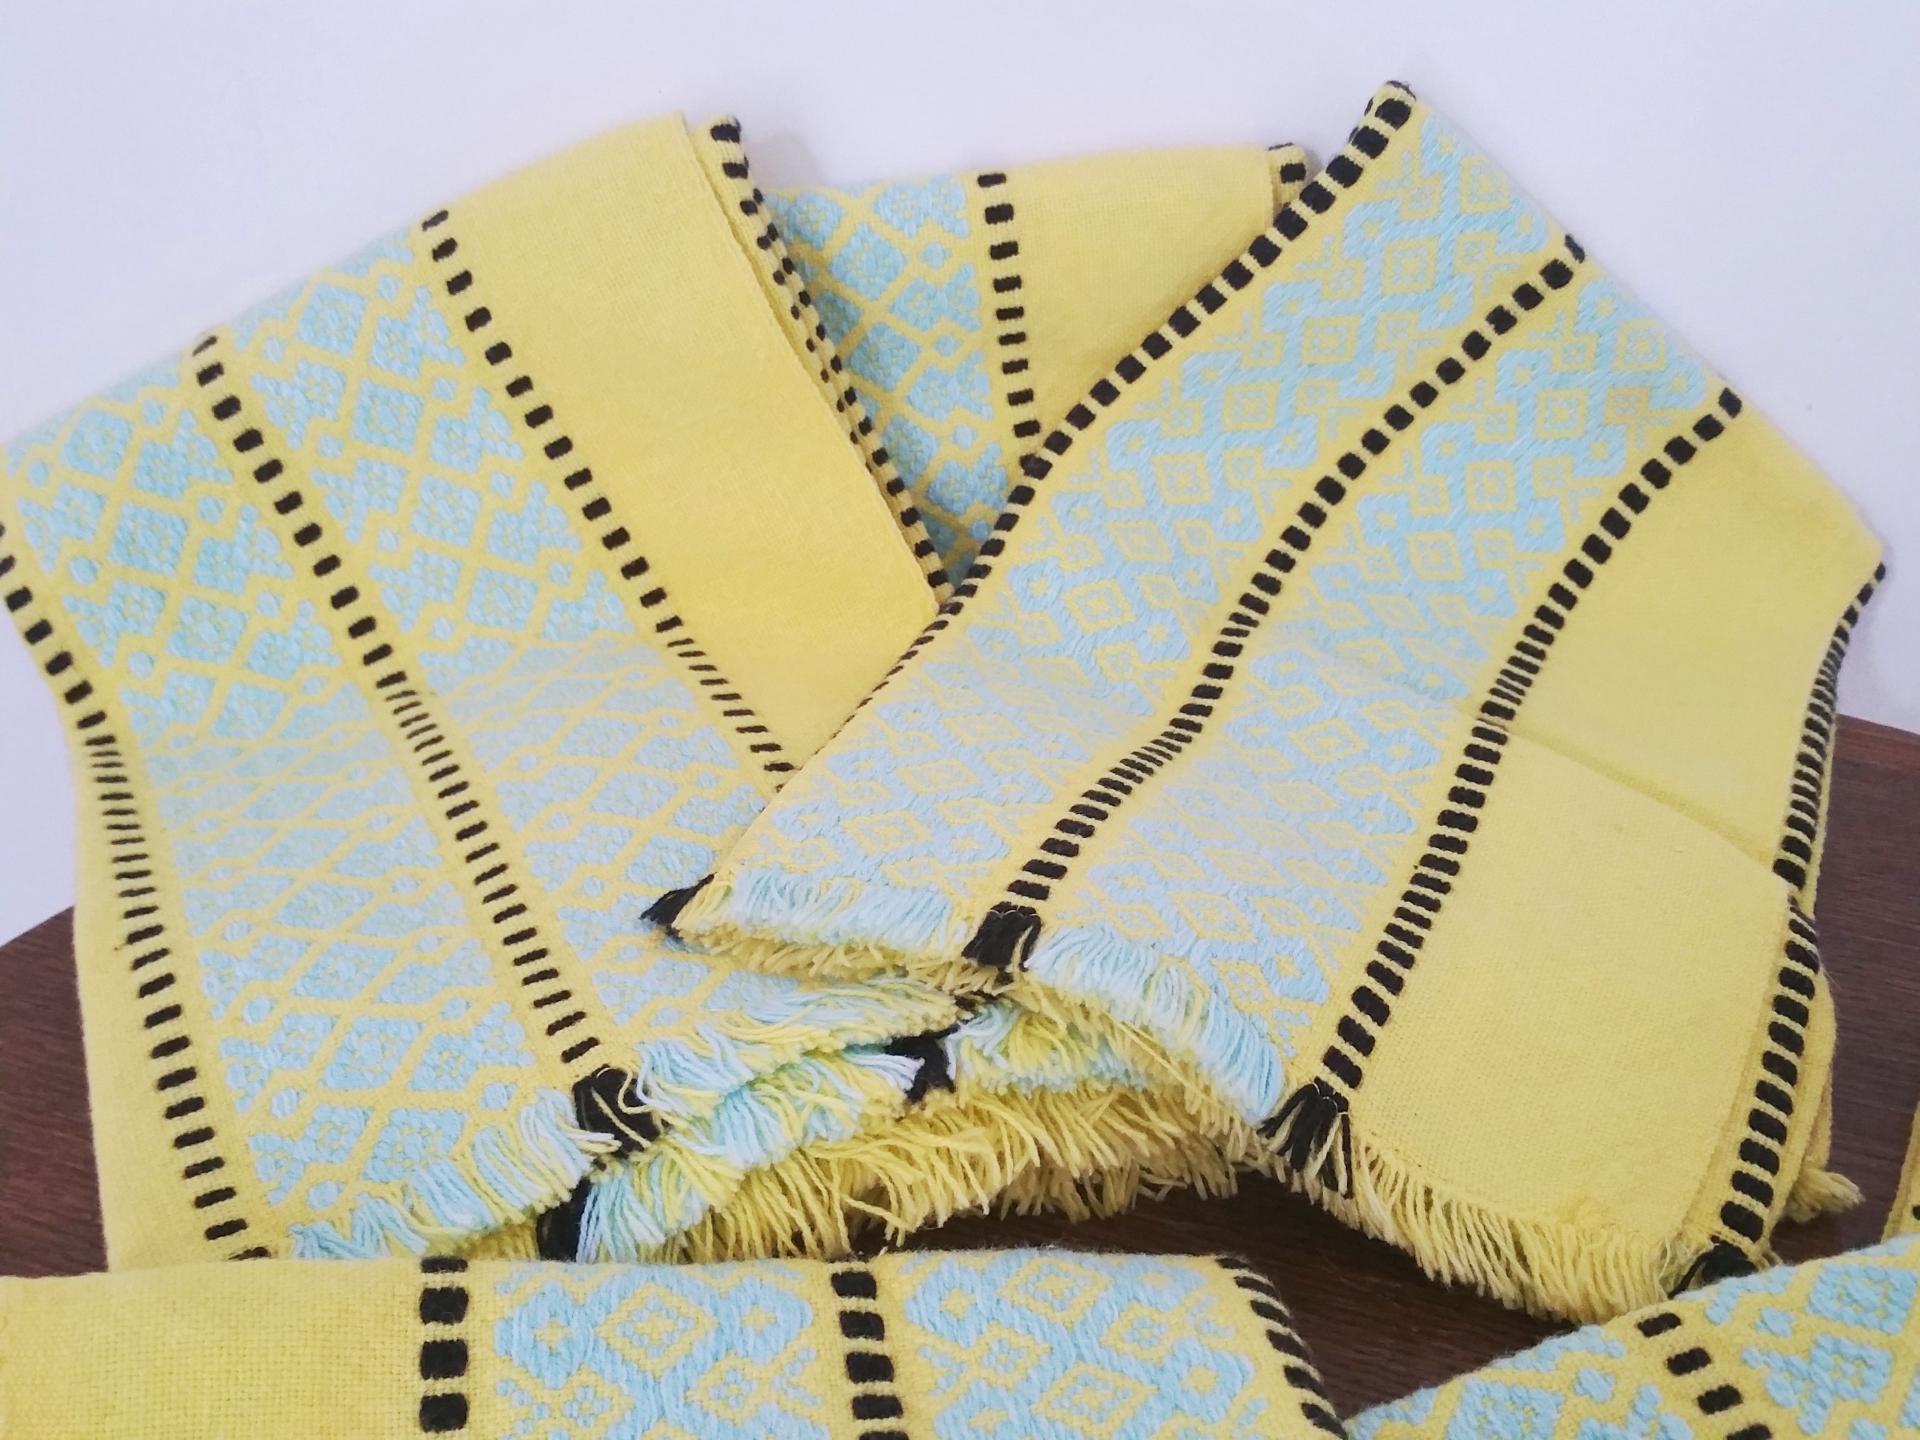 4 serviettes jaunes